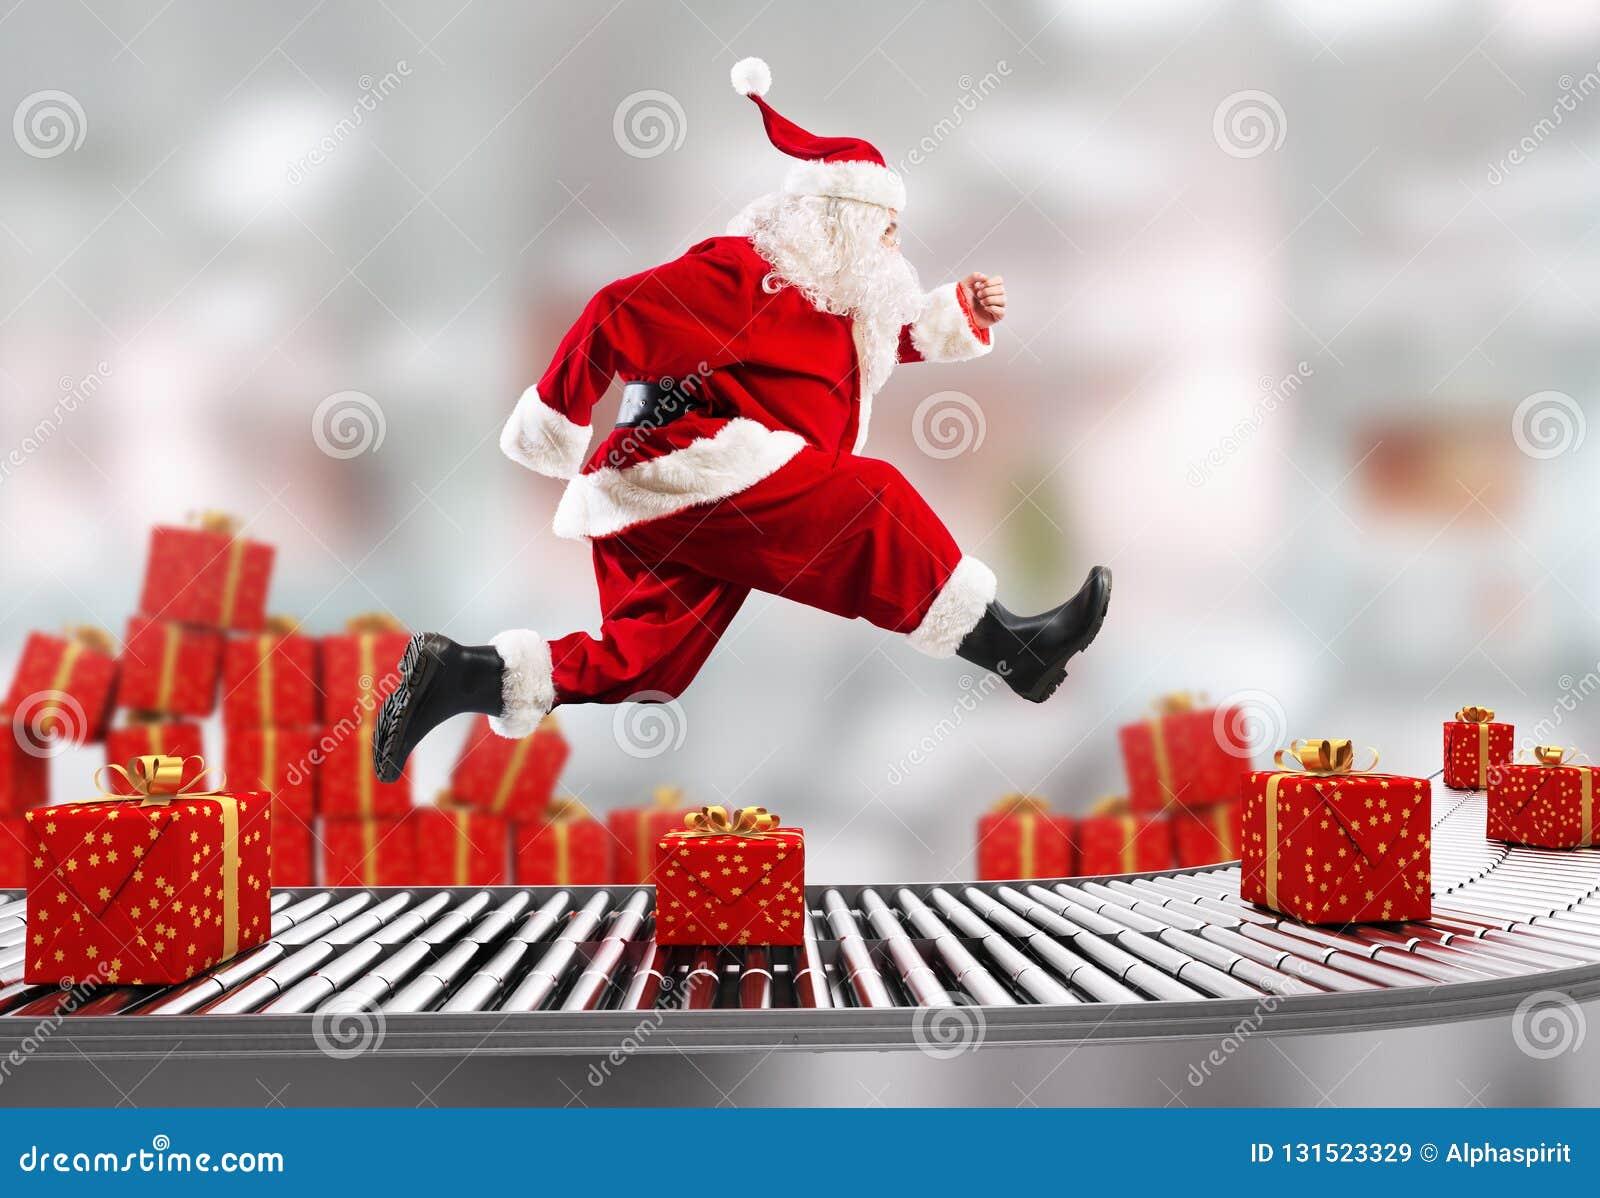 Τρεξίματα Άγιου Βασίλη στη ζώνη μεταφορέων για να τακτοποιήσει τις παραδόσεις στο χρόνο Χριστουγέννων